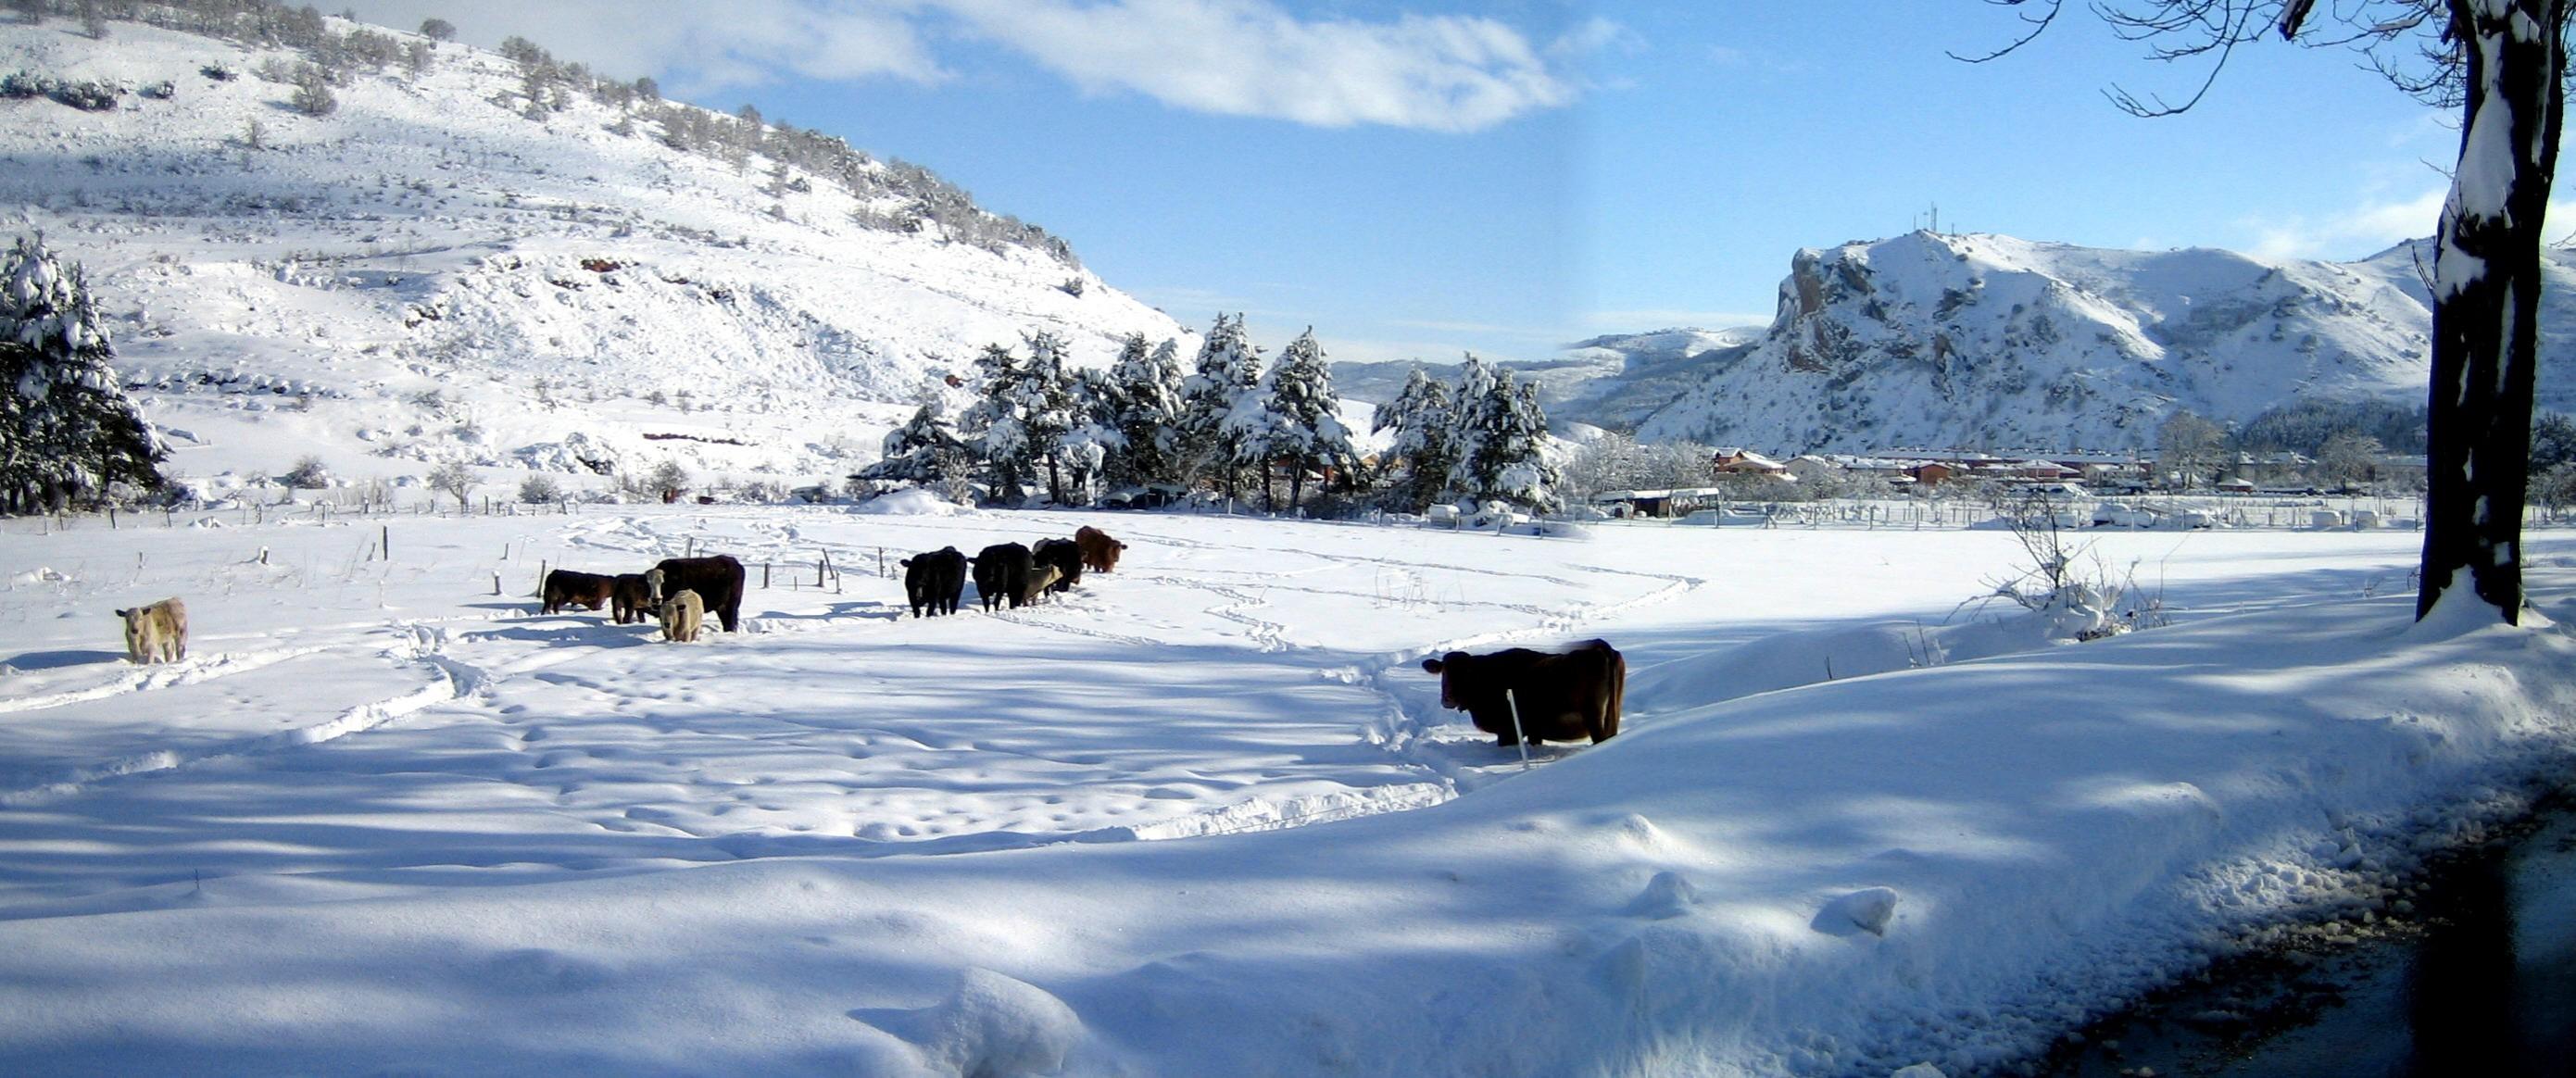 Y AQUI UNAS VACAS PASTANDO EN UN PRADO NEVADO...con vista a la picota de San Torcuato...un marzo de 2007